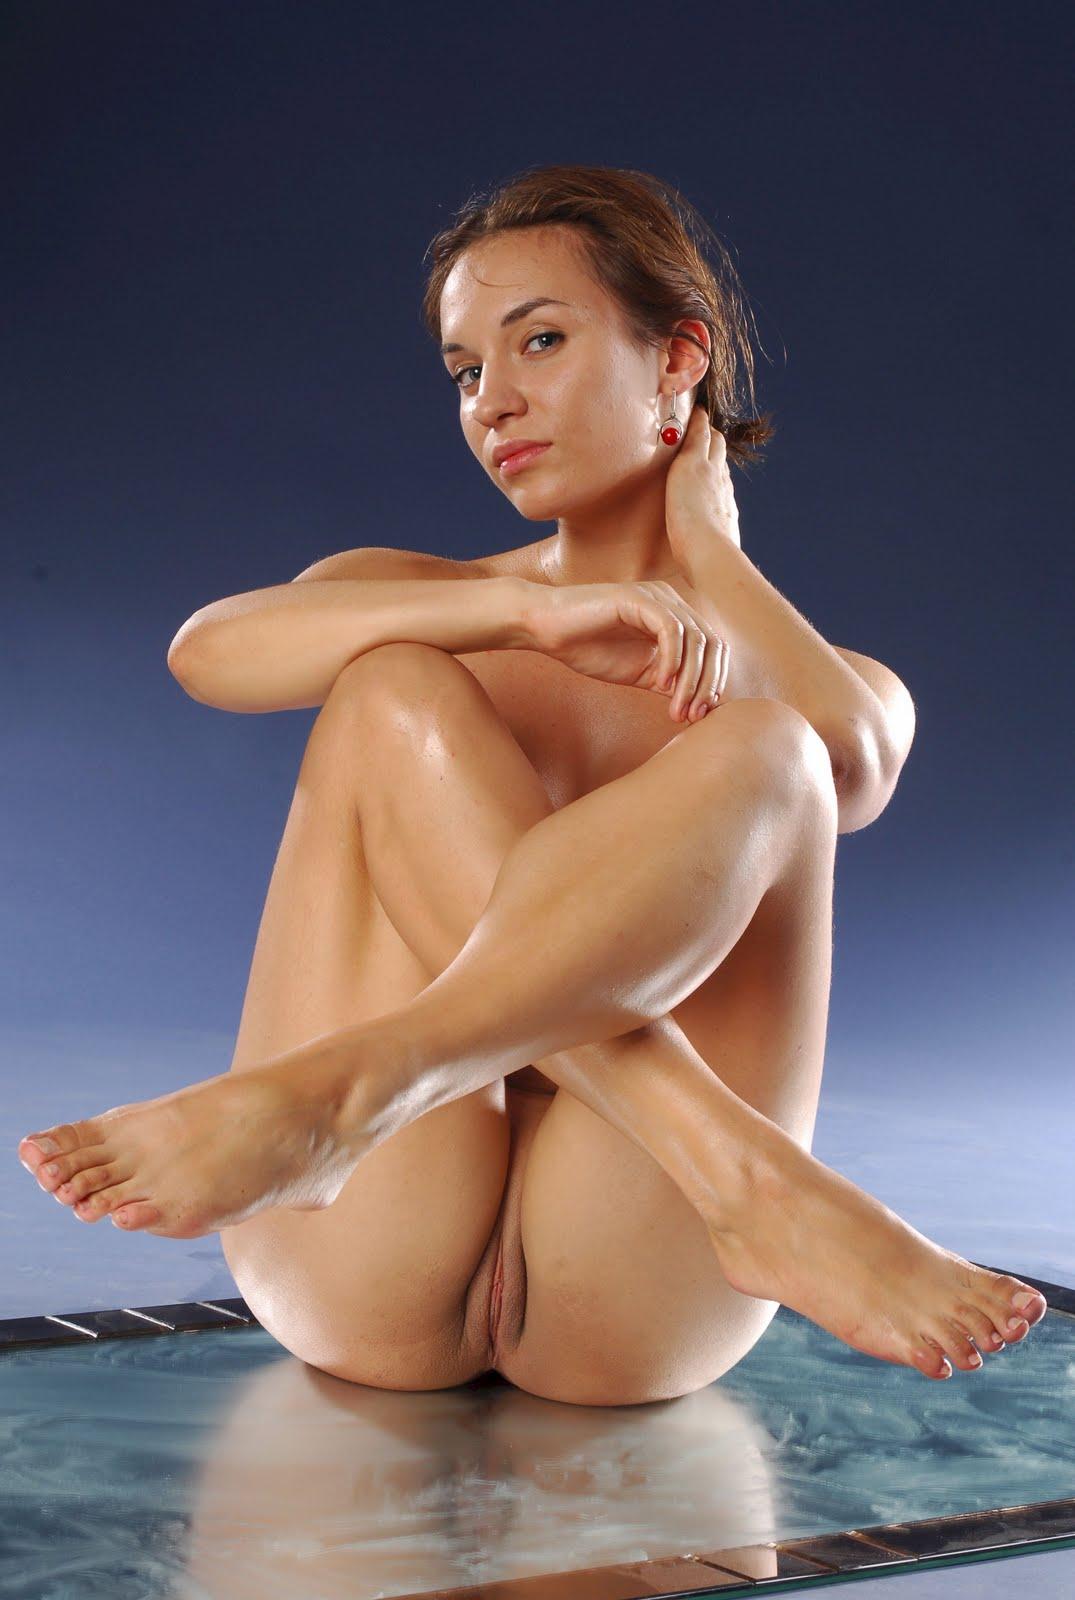 Nude sex web cam